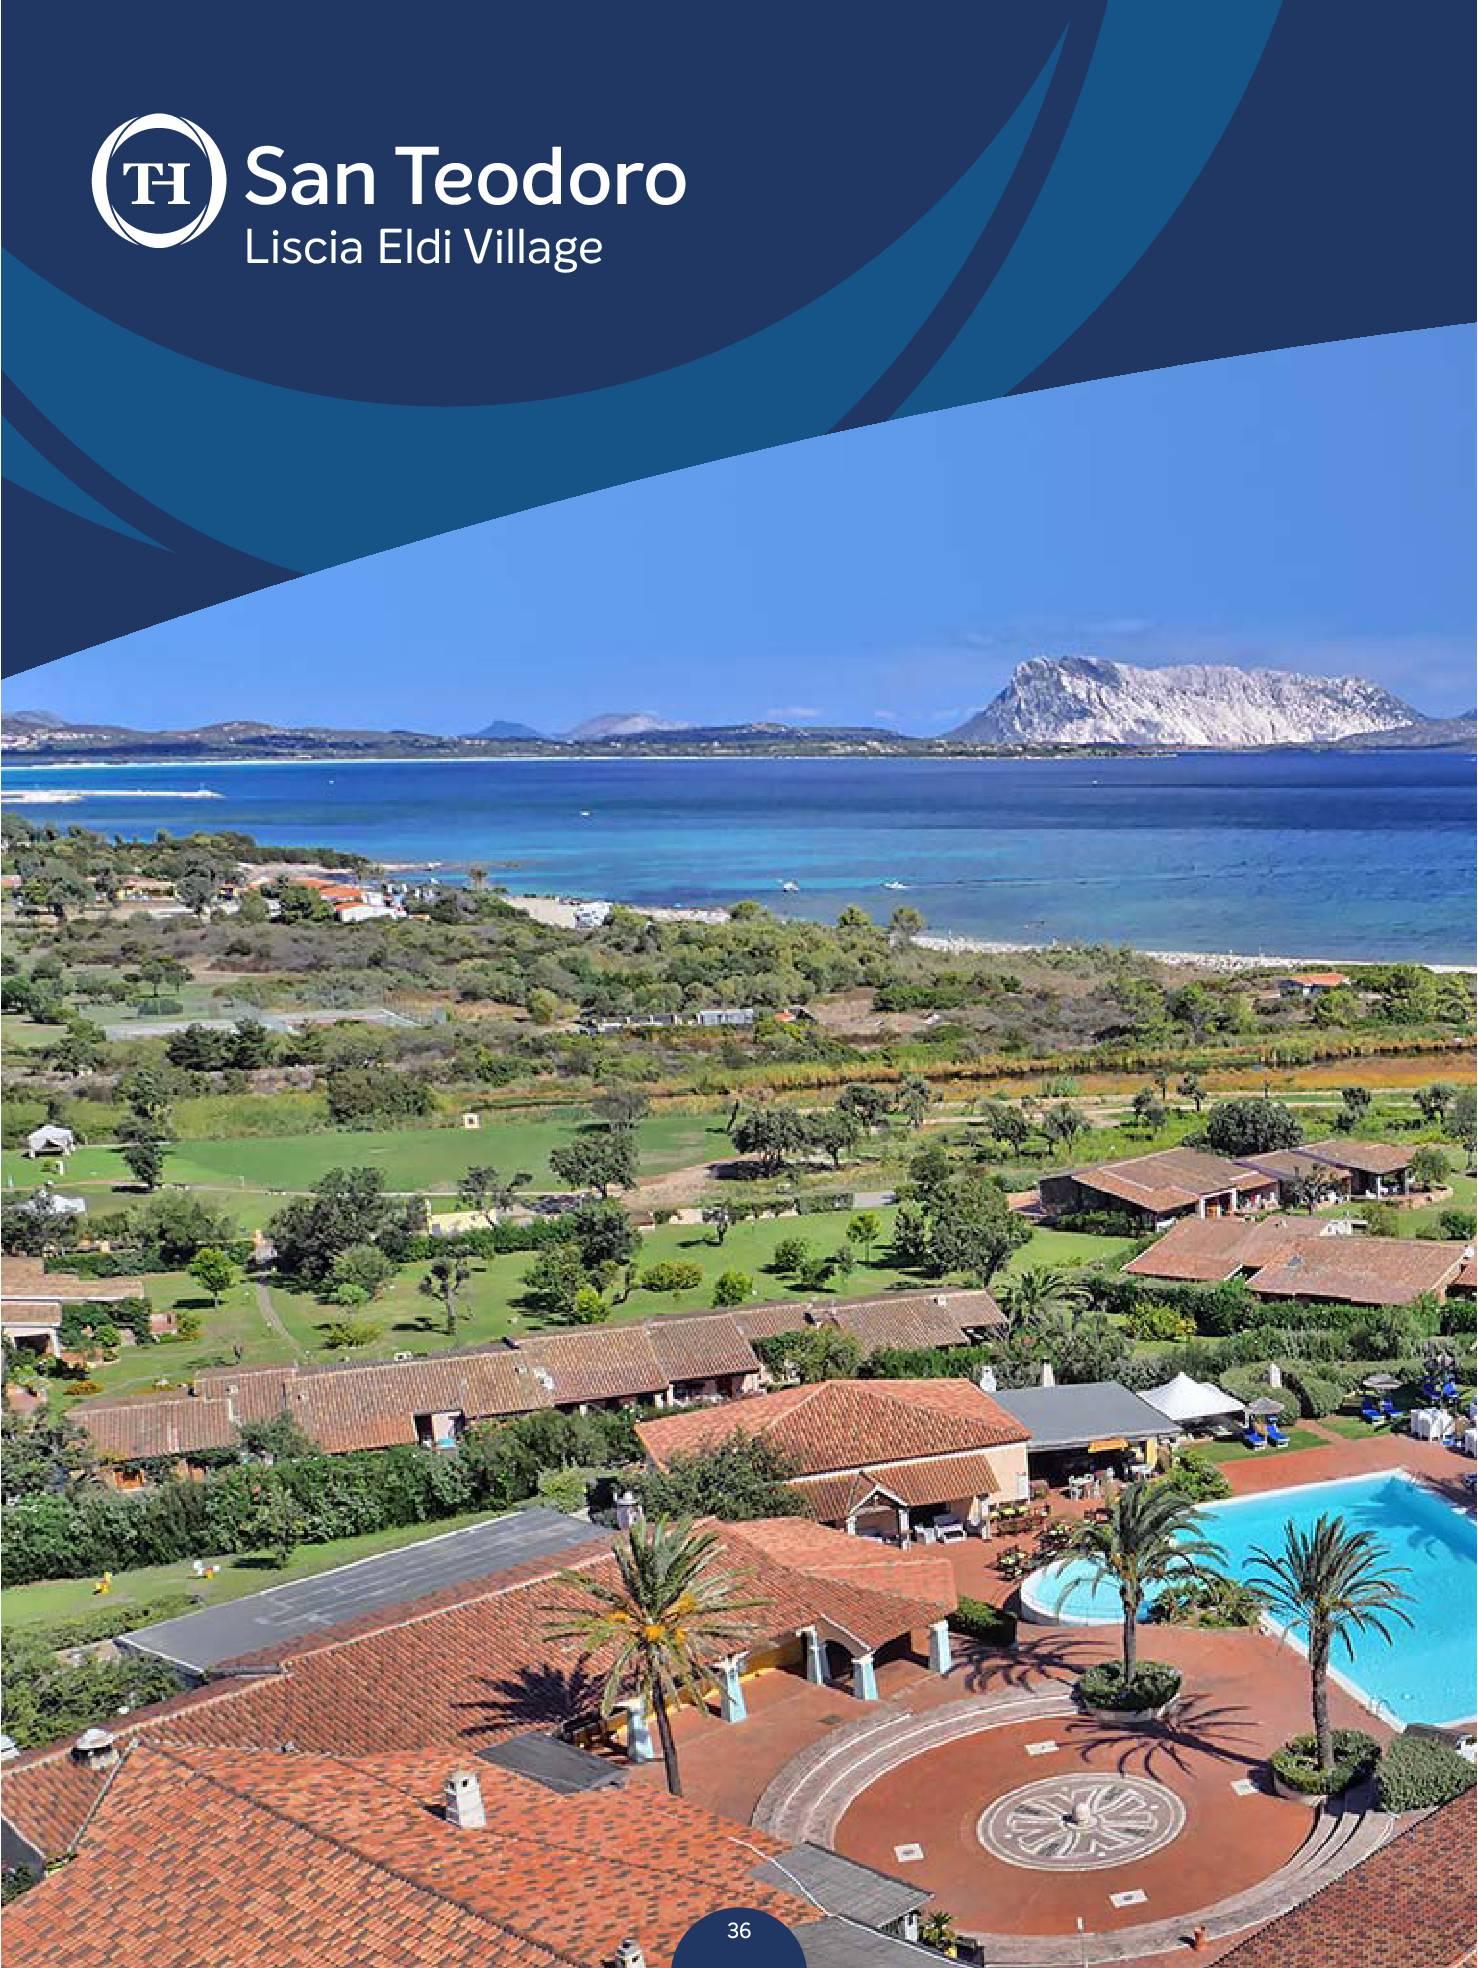 Nuovo catalogo estate TH Resorts Thresorts catalogo sfogliabile interattivo